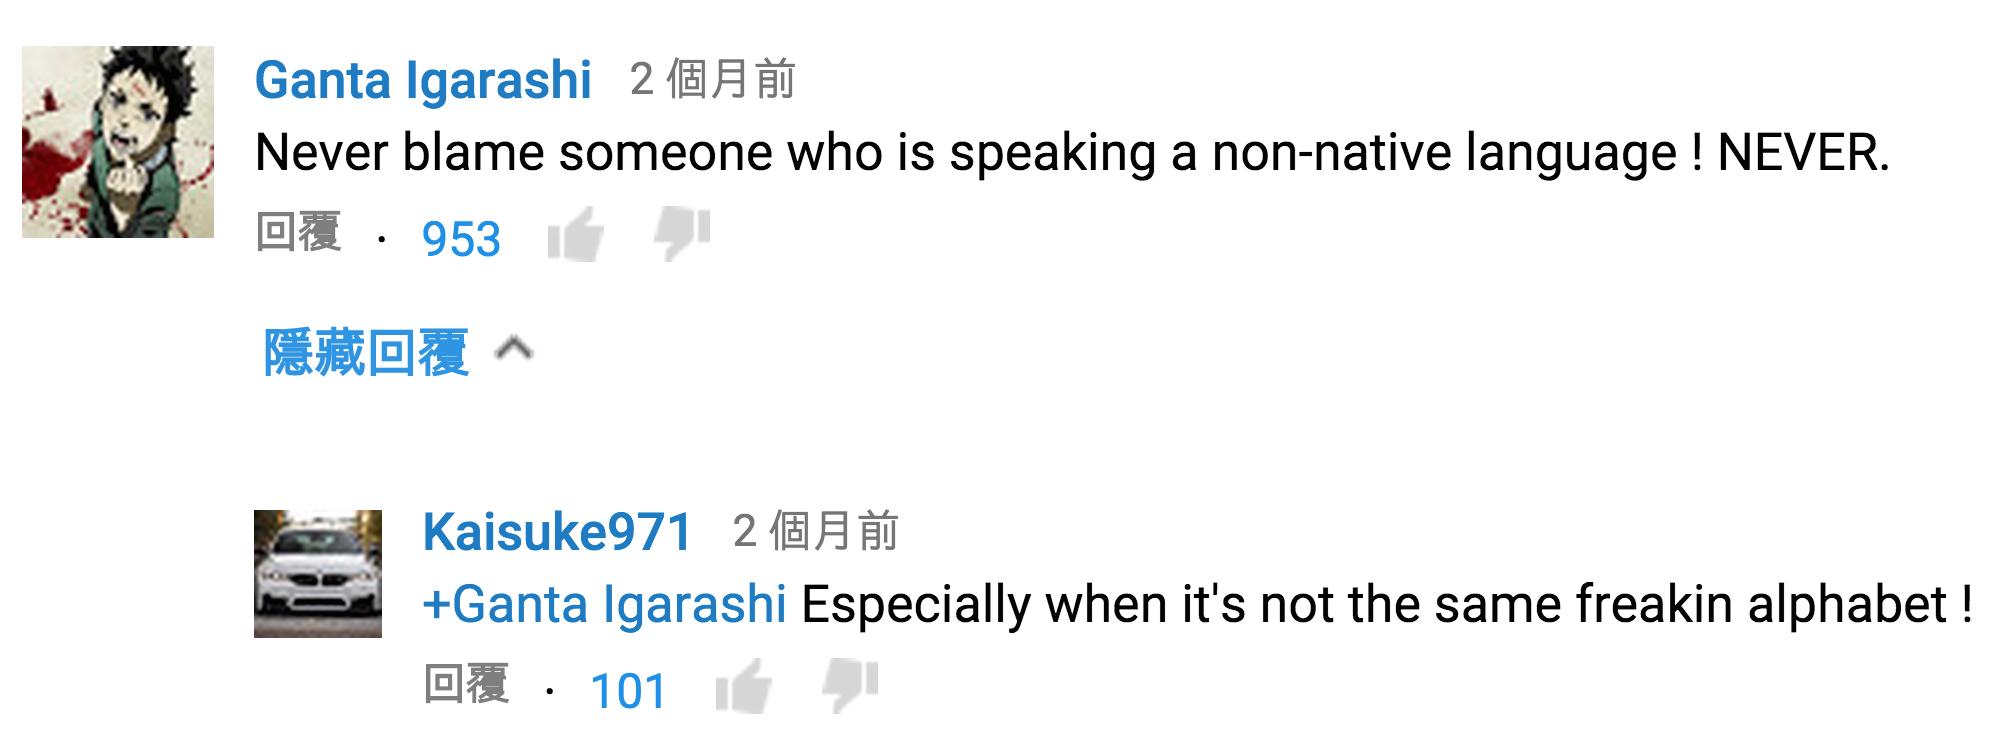 永遠不要責備別人的非母語!